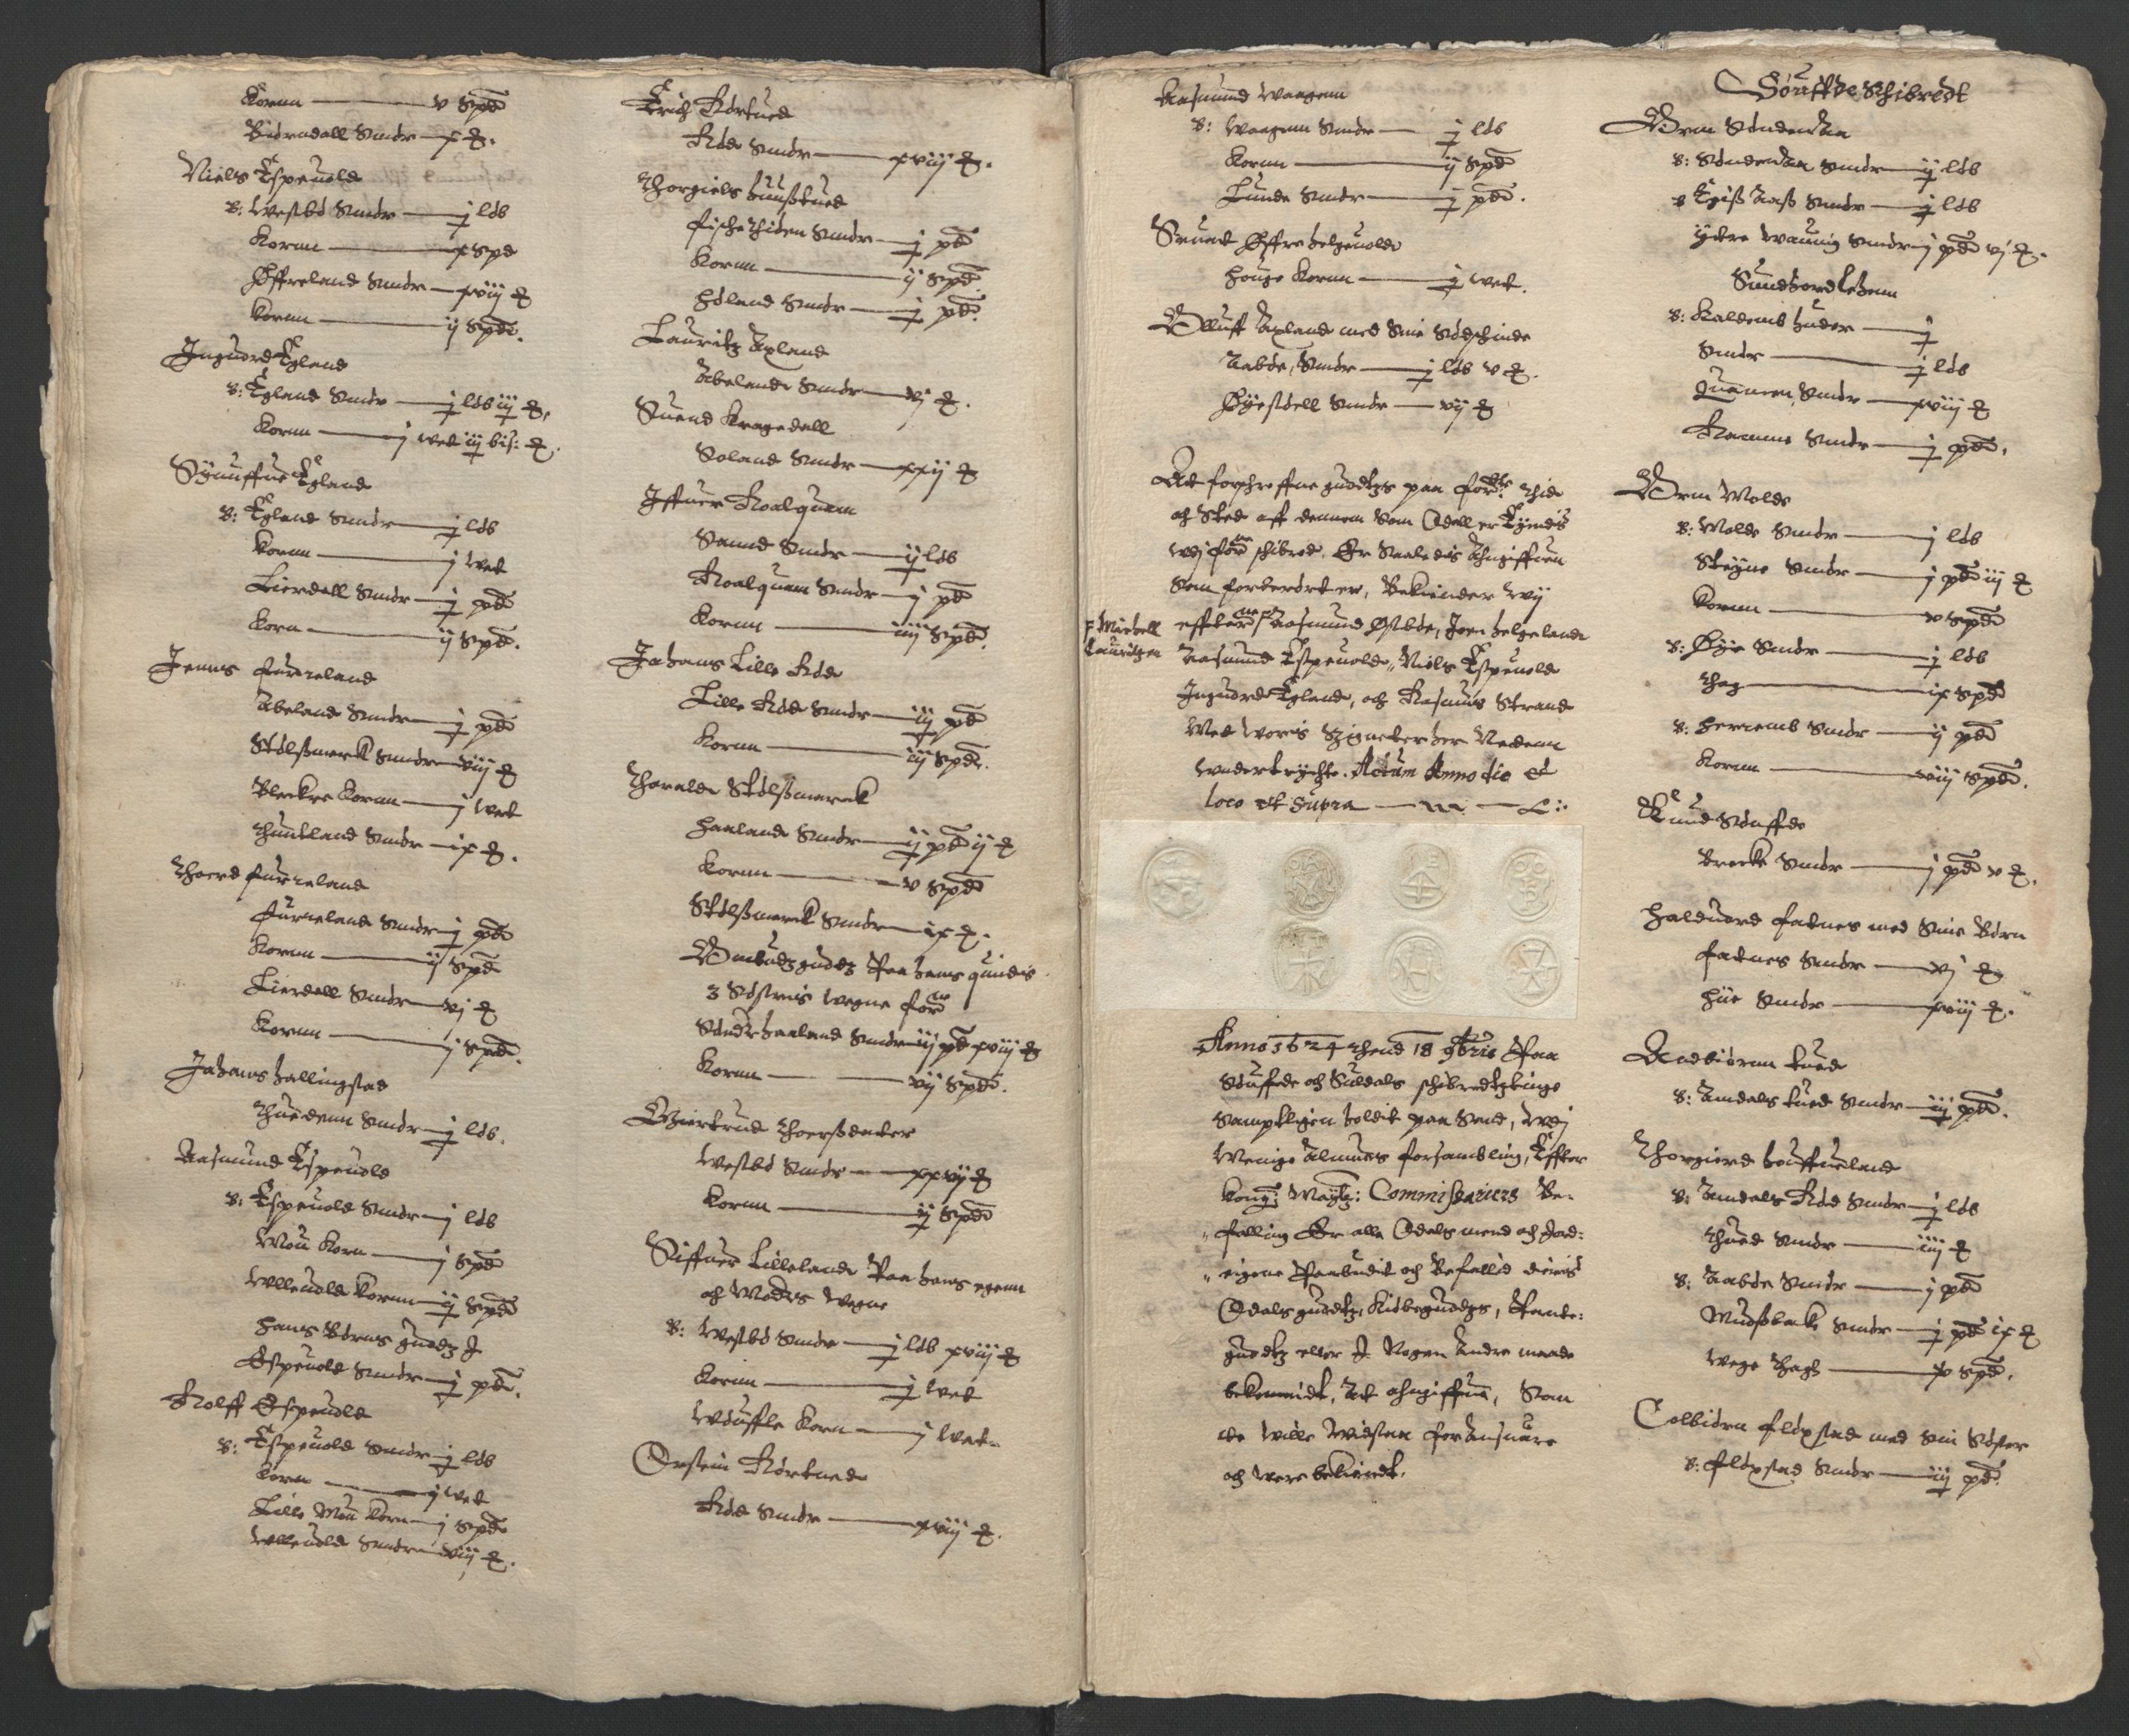 RA, Stattholderembetet 1572-1771, Ek/L0010: Jordebøker til utlikning av rosstjeneste 1624-1626:, 1624-1626, s. 18